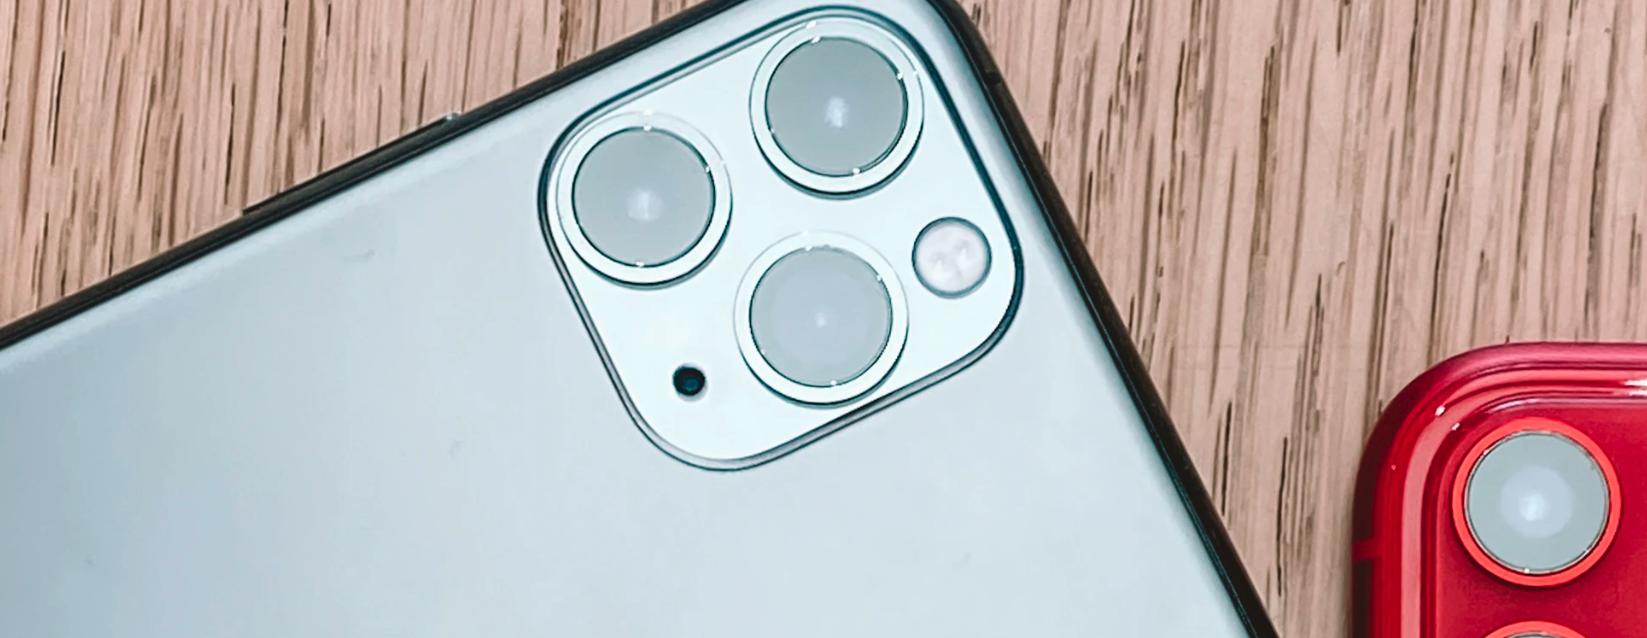 iPhone 11 in grau und rot